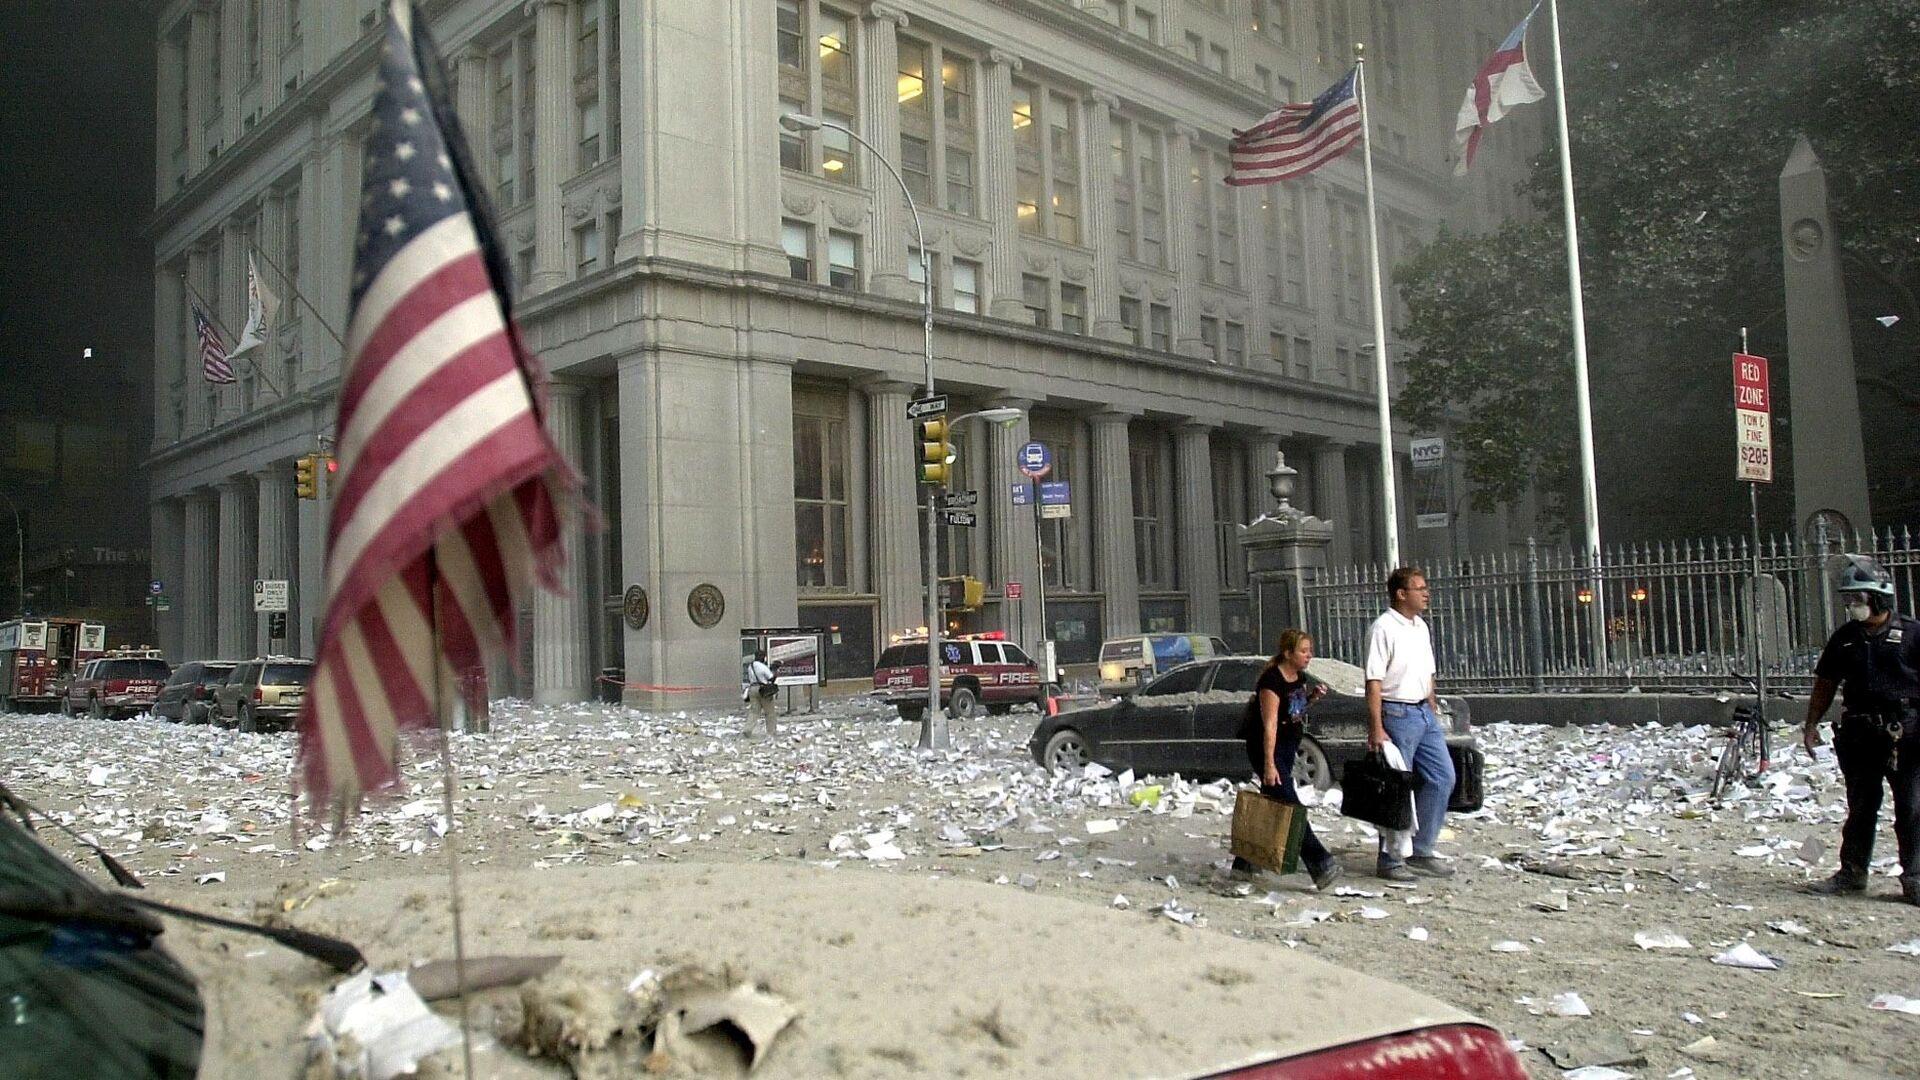 Teroristički napad na Svetski trgovinski centar u Njujorku 11. septembara 2001. godine  - Sputnik Srbija, 1920, 11.09.2021